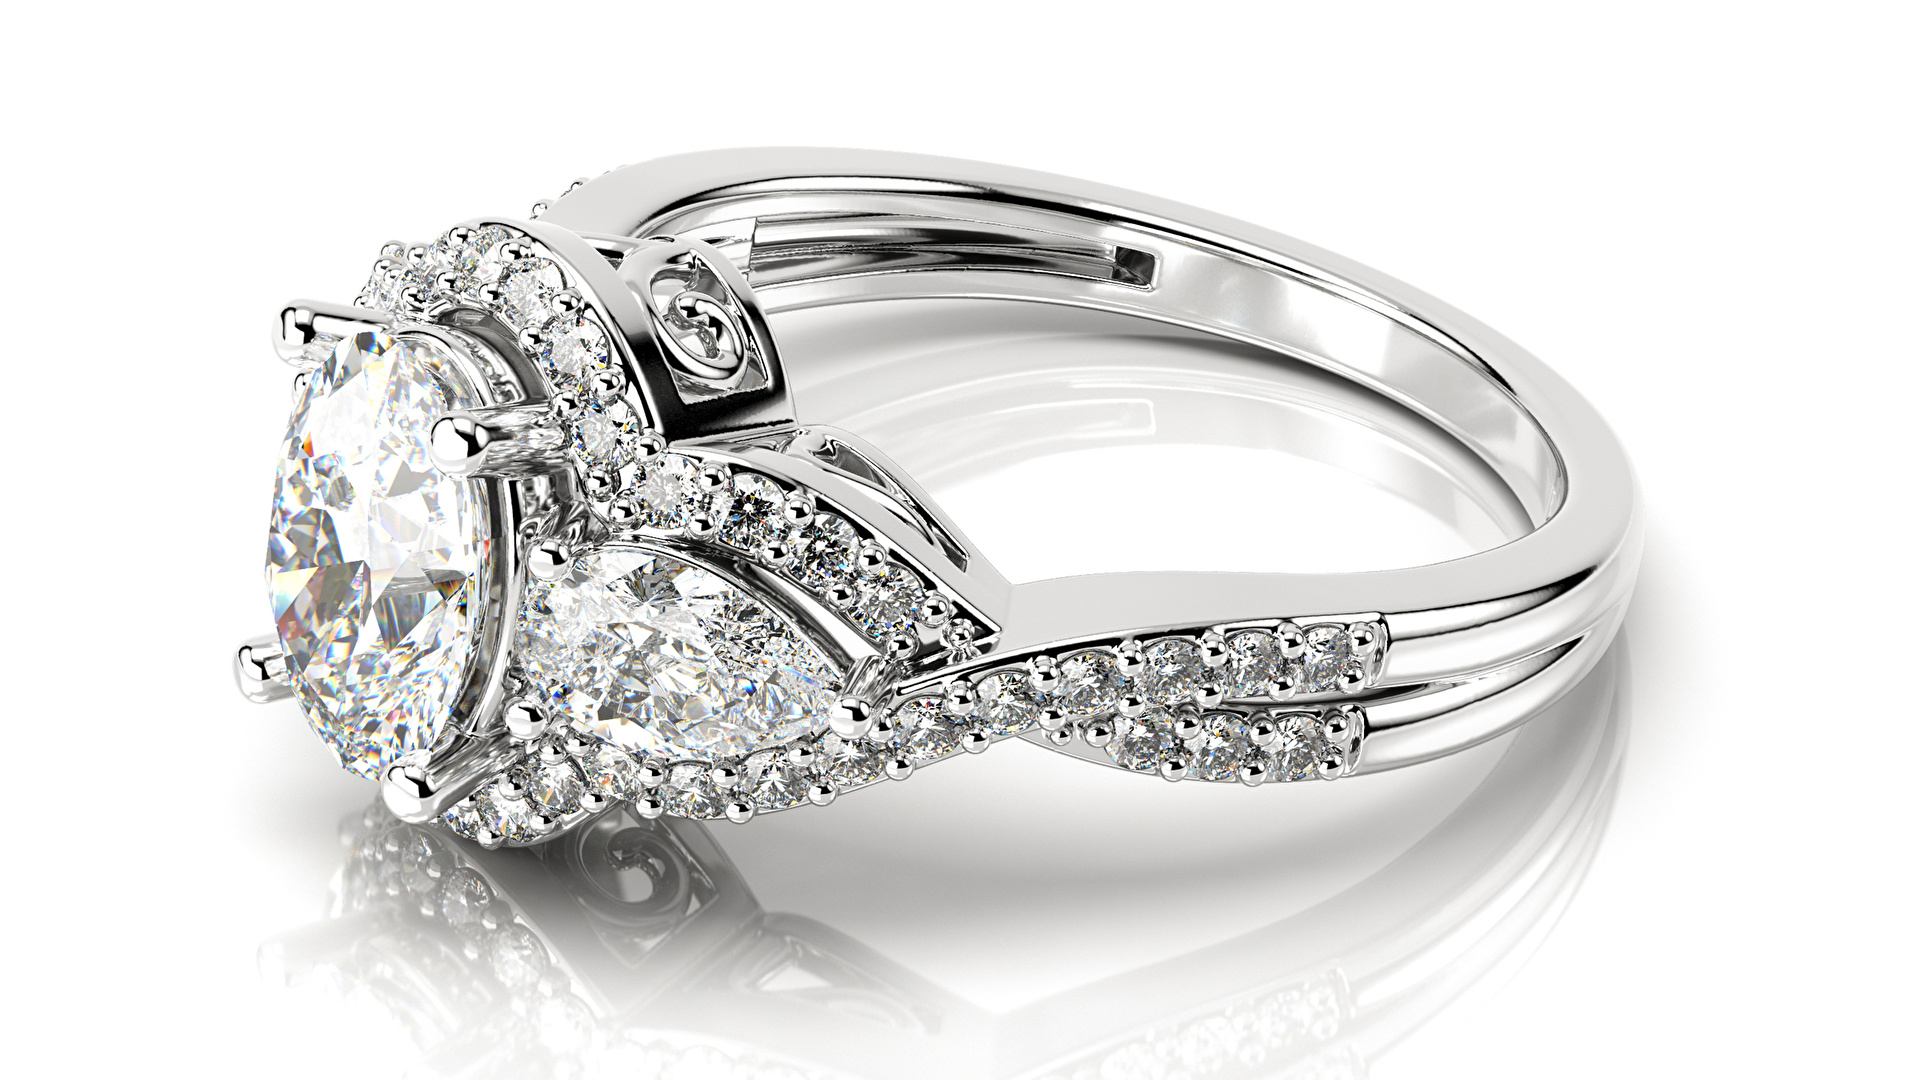 В руках драгоценный камень должен сохранять прохладу, не нагреваться. А еще  на него можно подышать. Алмаз не запотеет. 98284035ba4